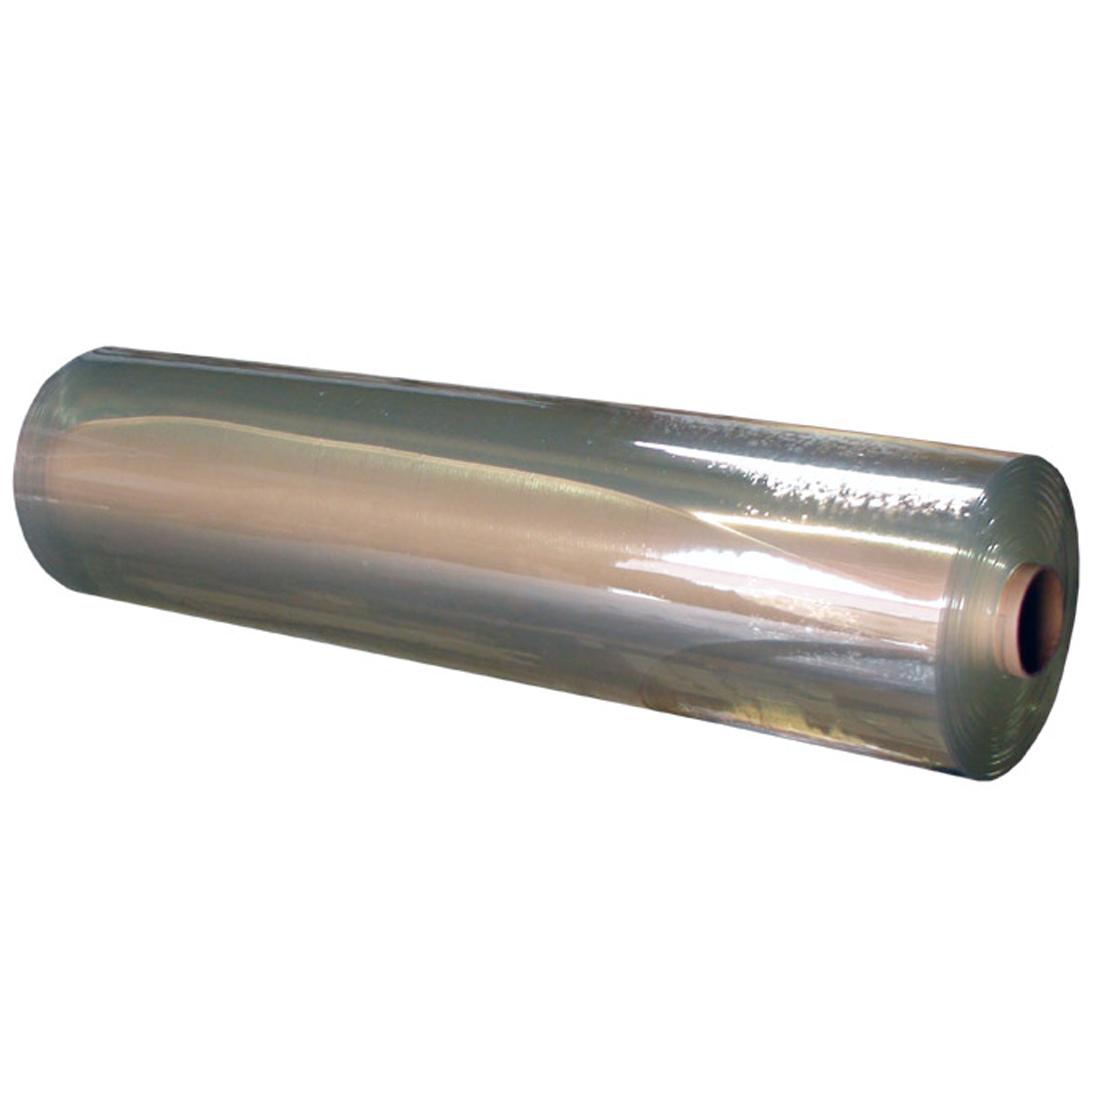 [투명 테이블매트] 데코리아 방수 아스테이지 식탁보, 투명, 두께 1mm x 폭 1200mm x 길이 1.5m - 랭킹16위 (19500원)